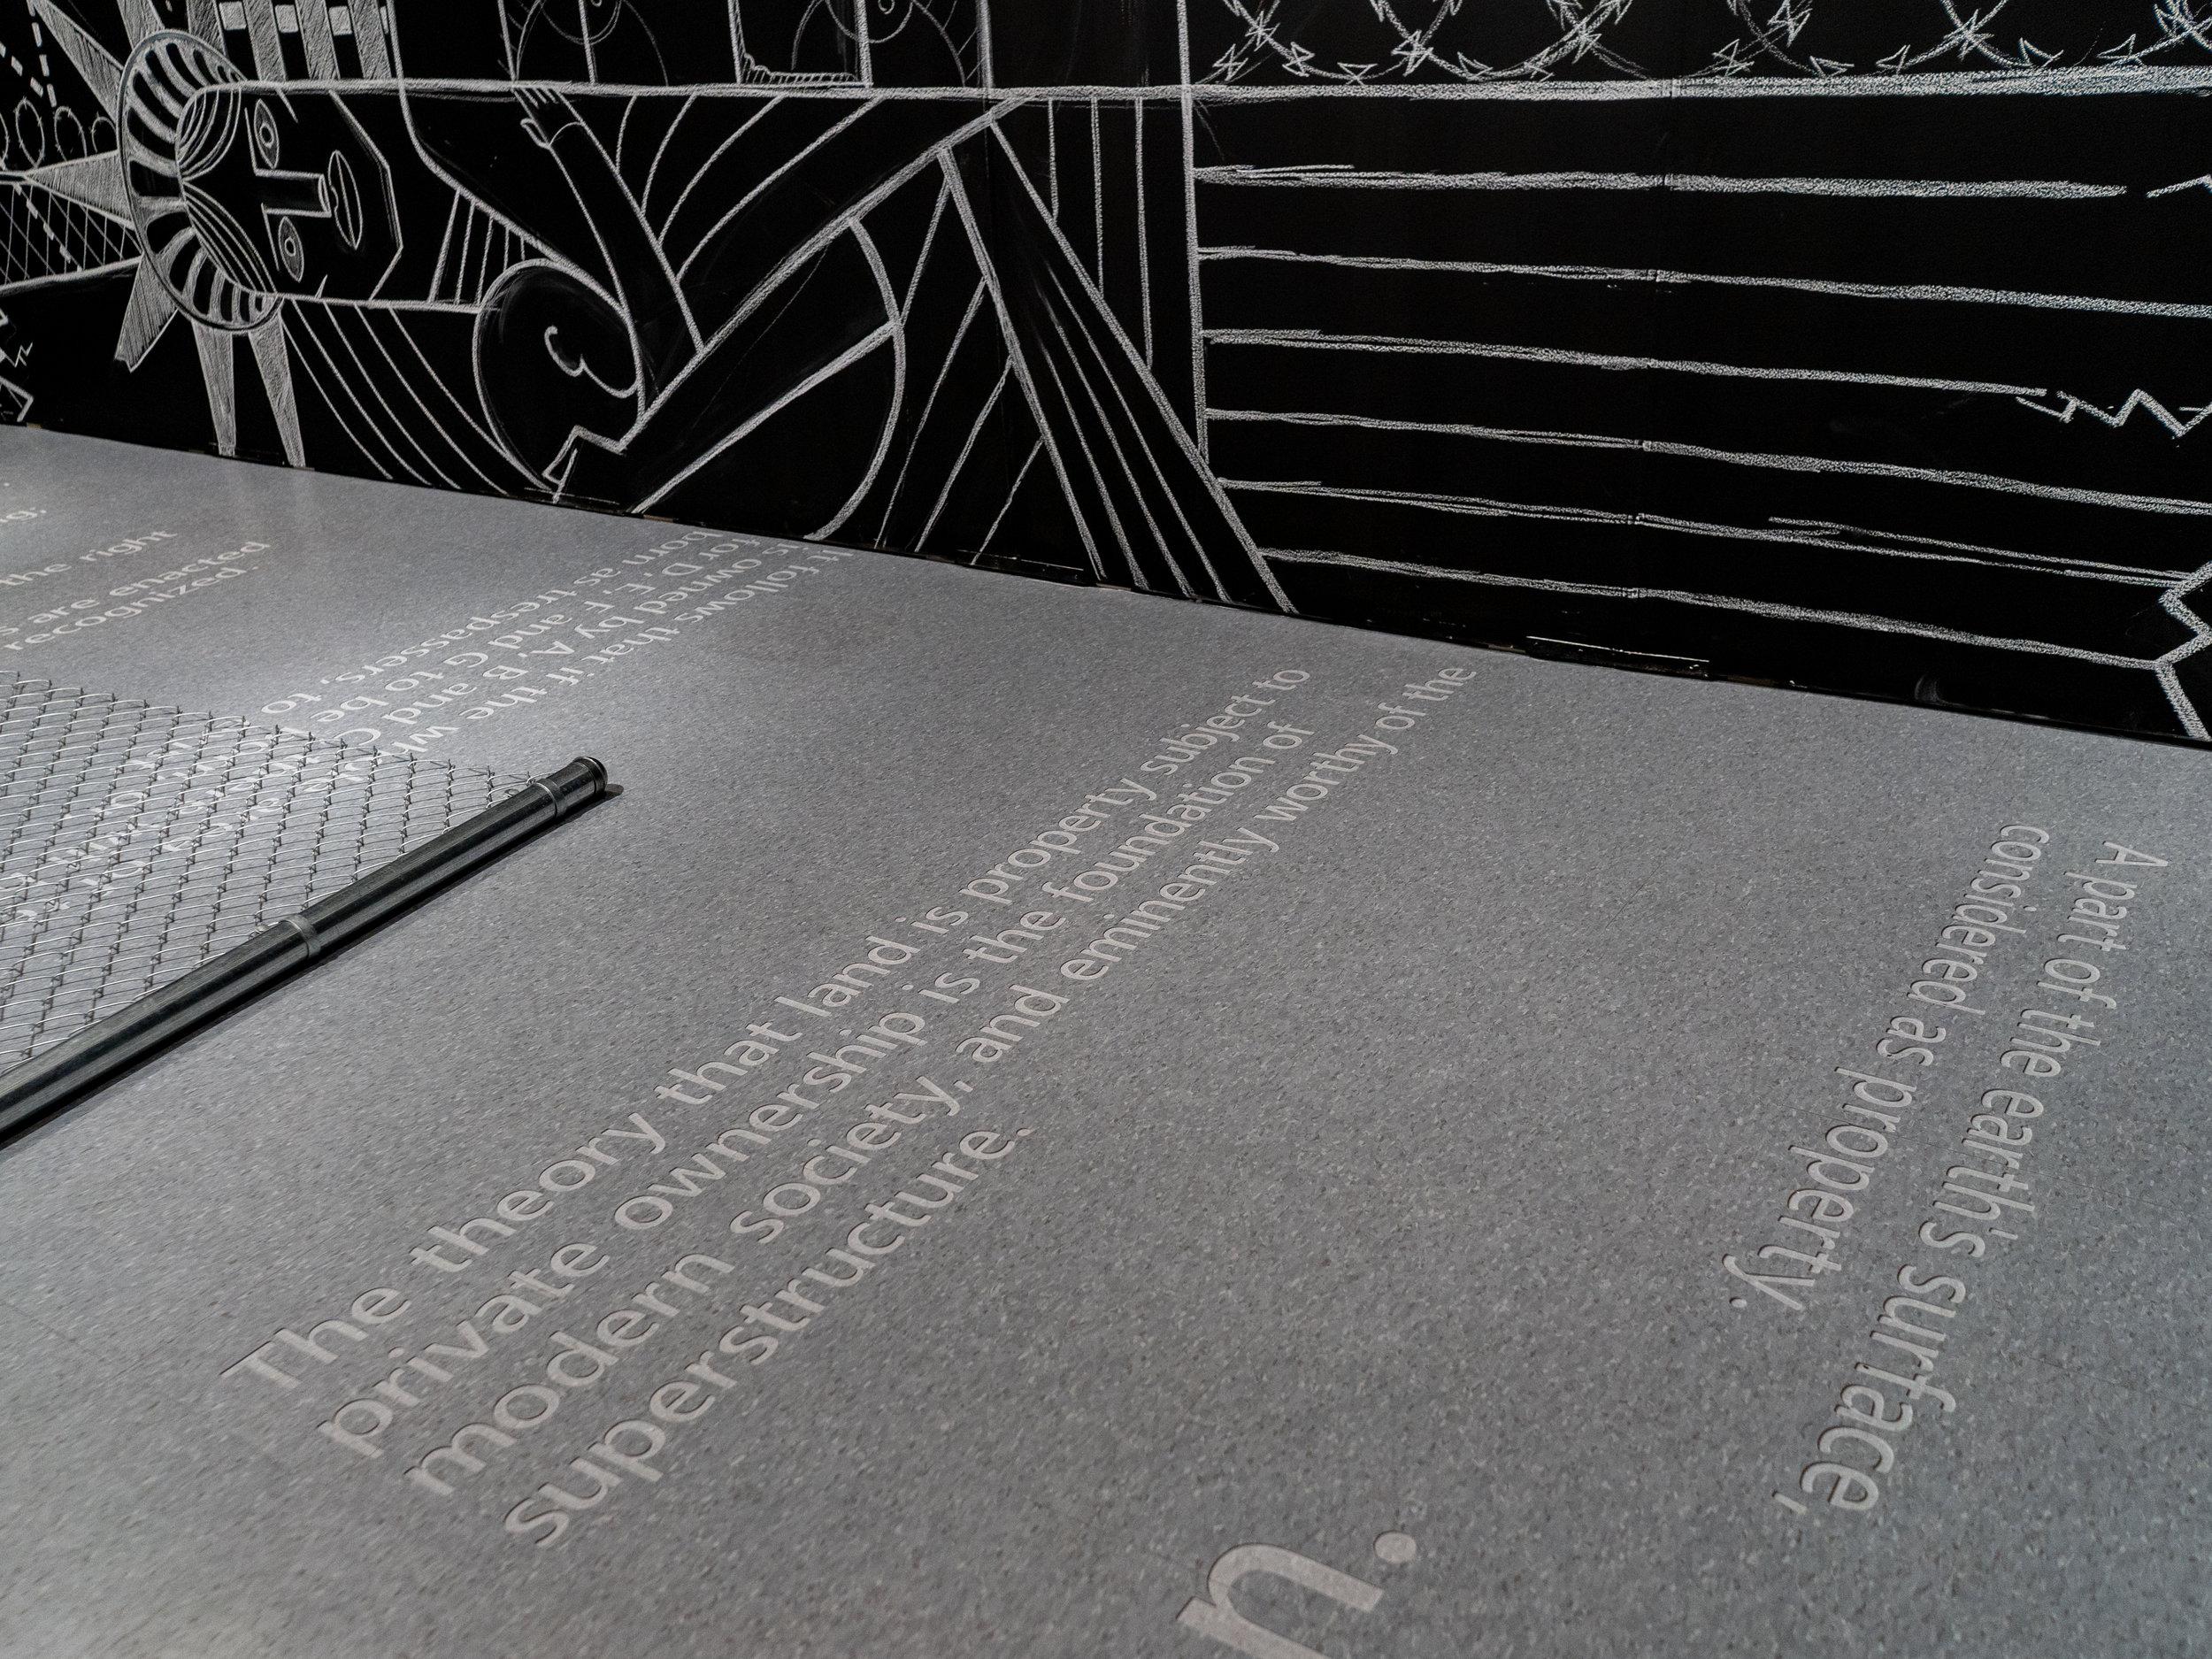 2018-09-29-hyde-park-art-center-art-expo-7.JPG